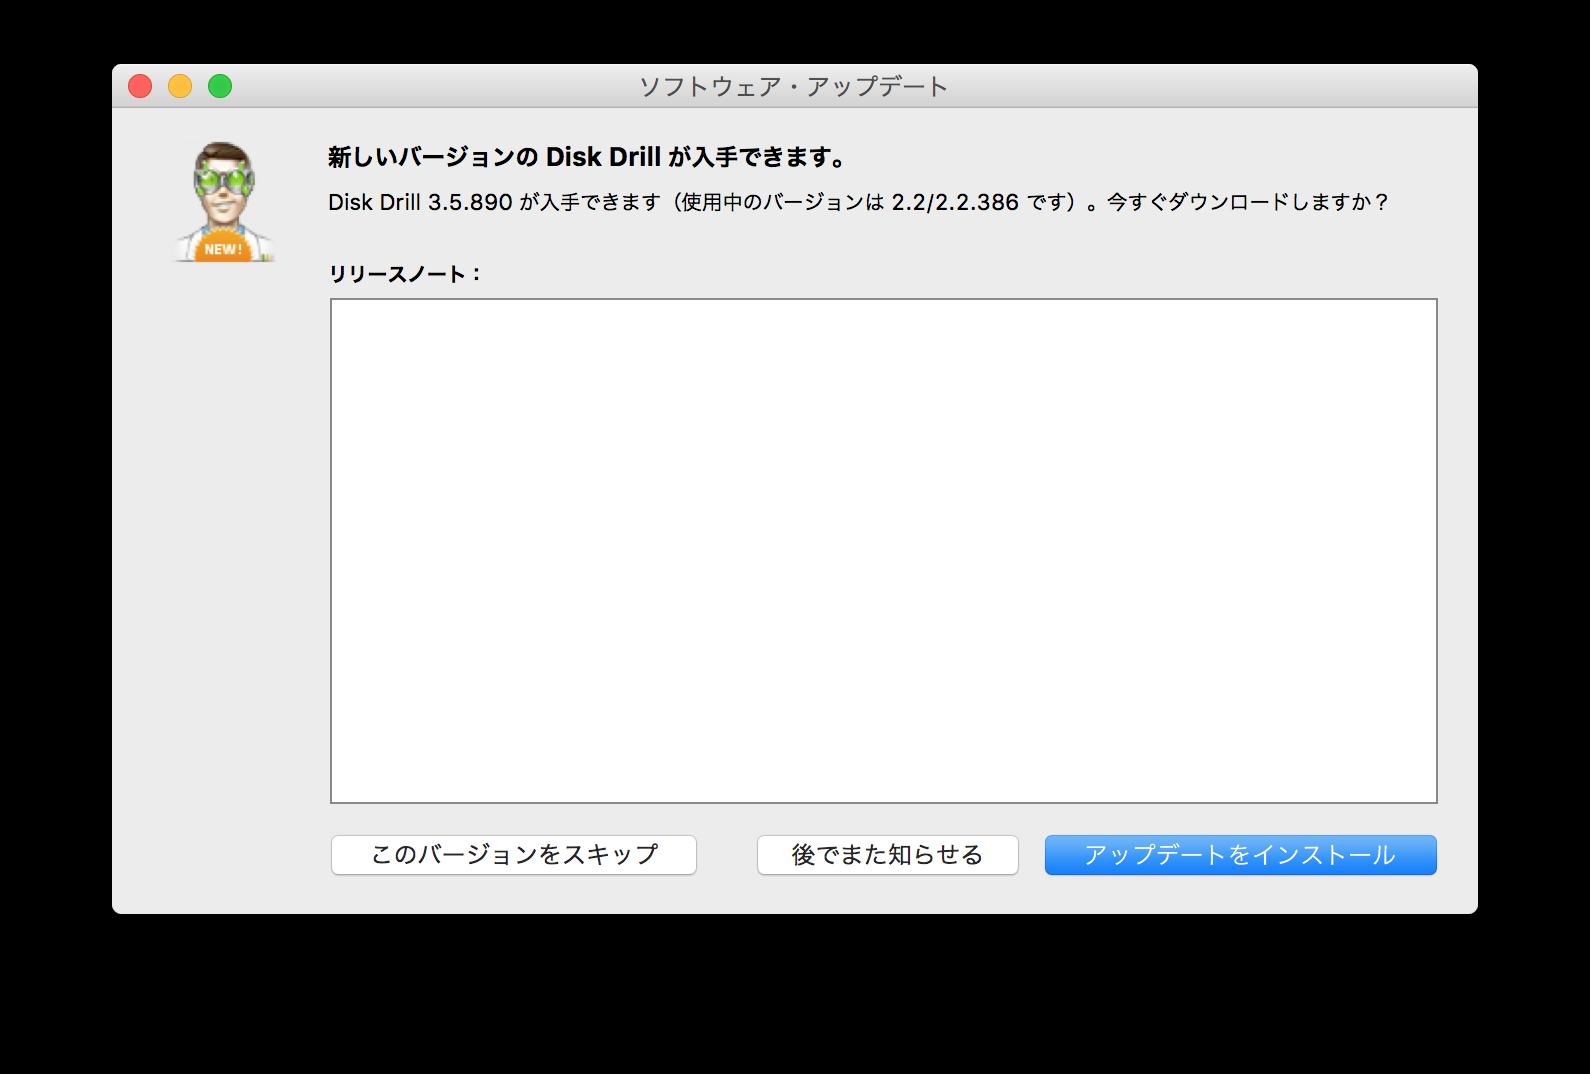 Disk Drill ver.2 バージョンアップダイアログ